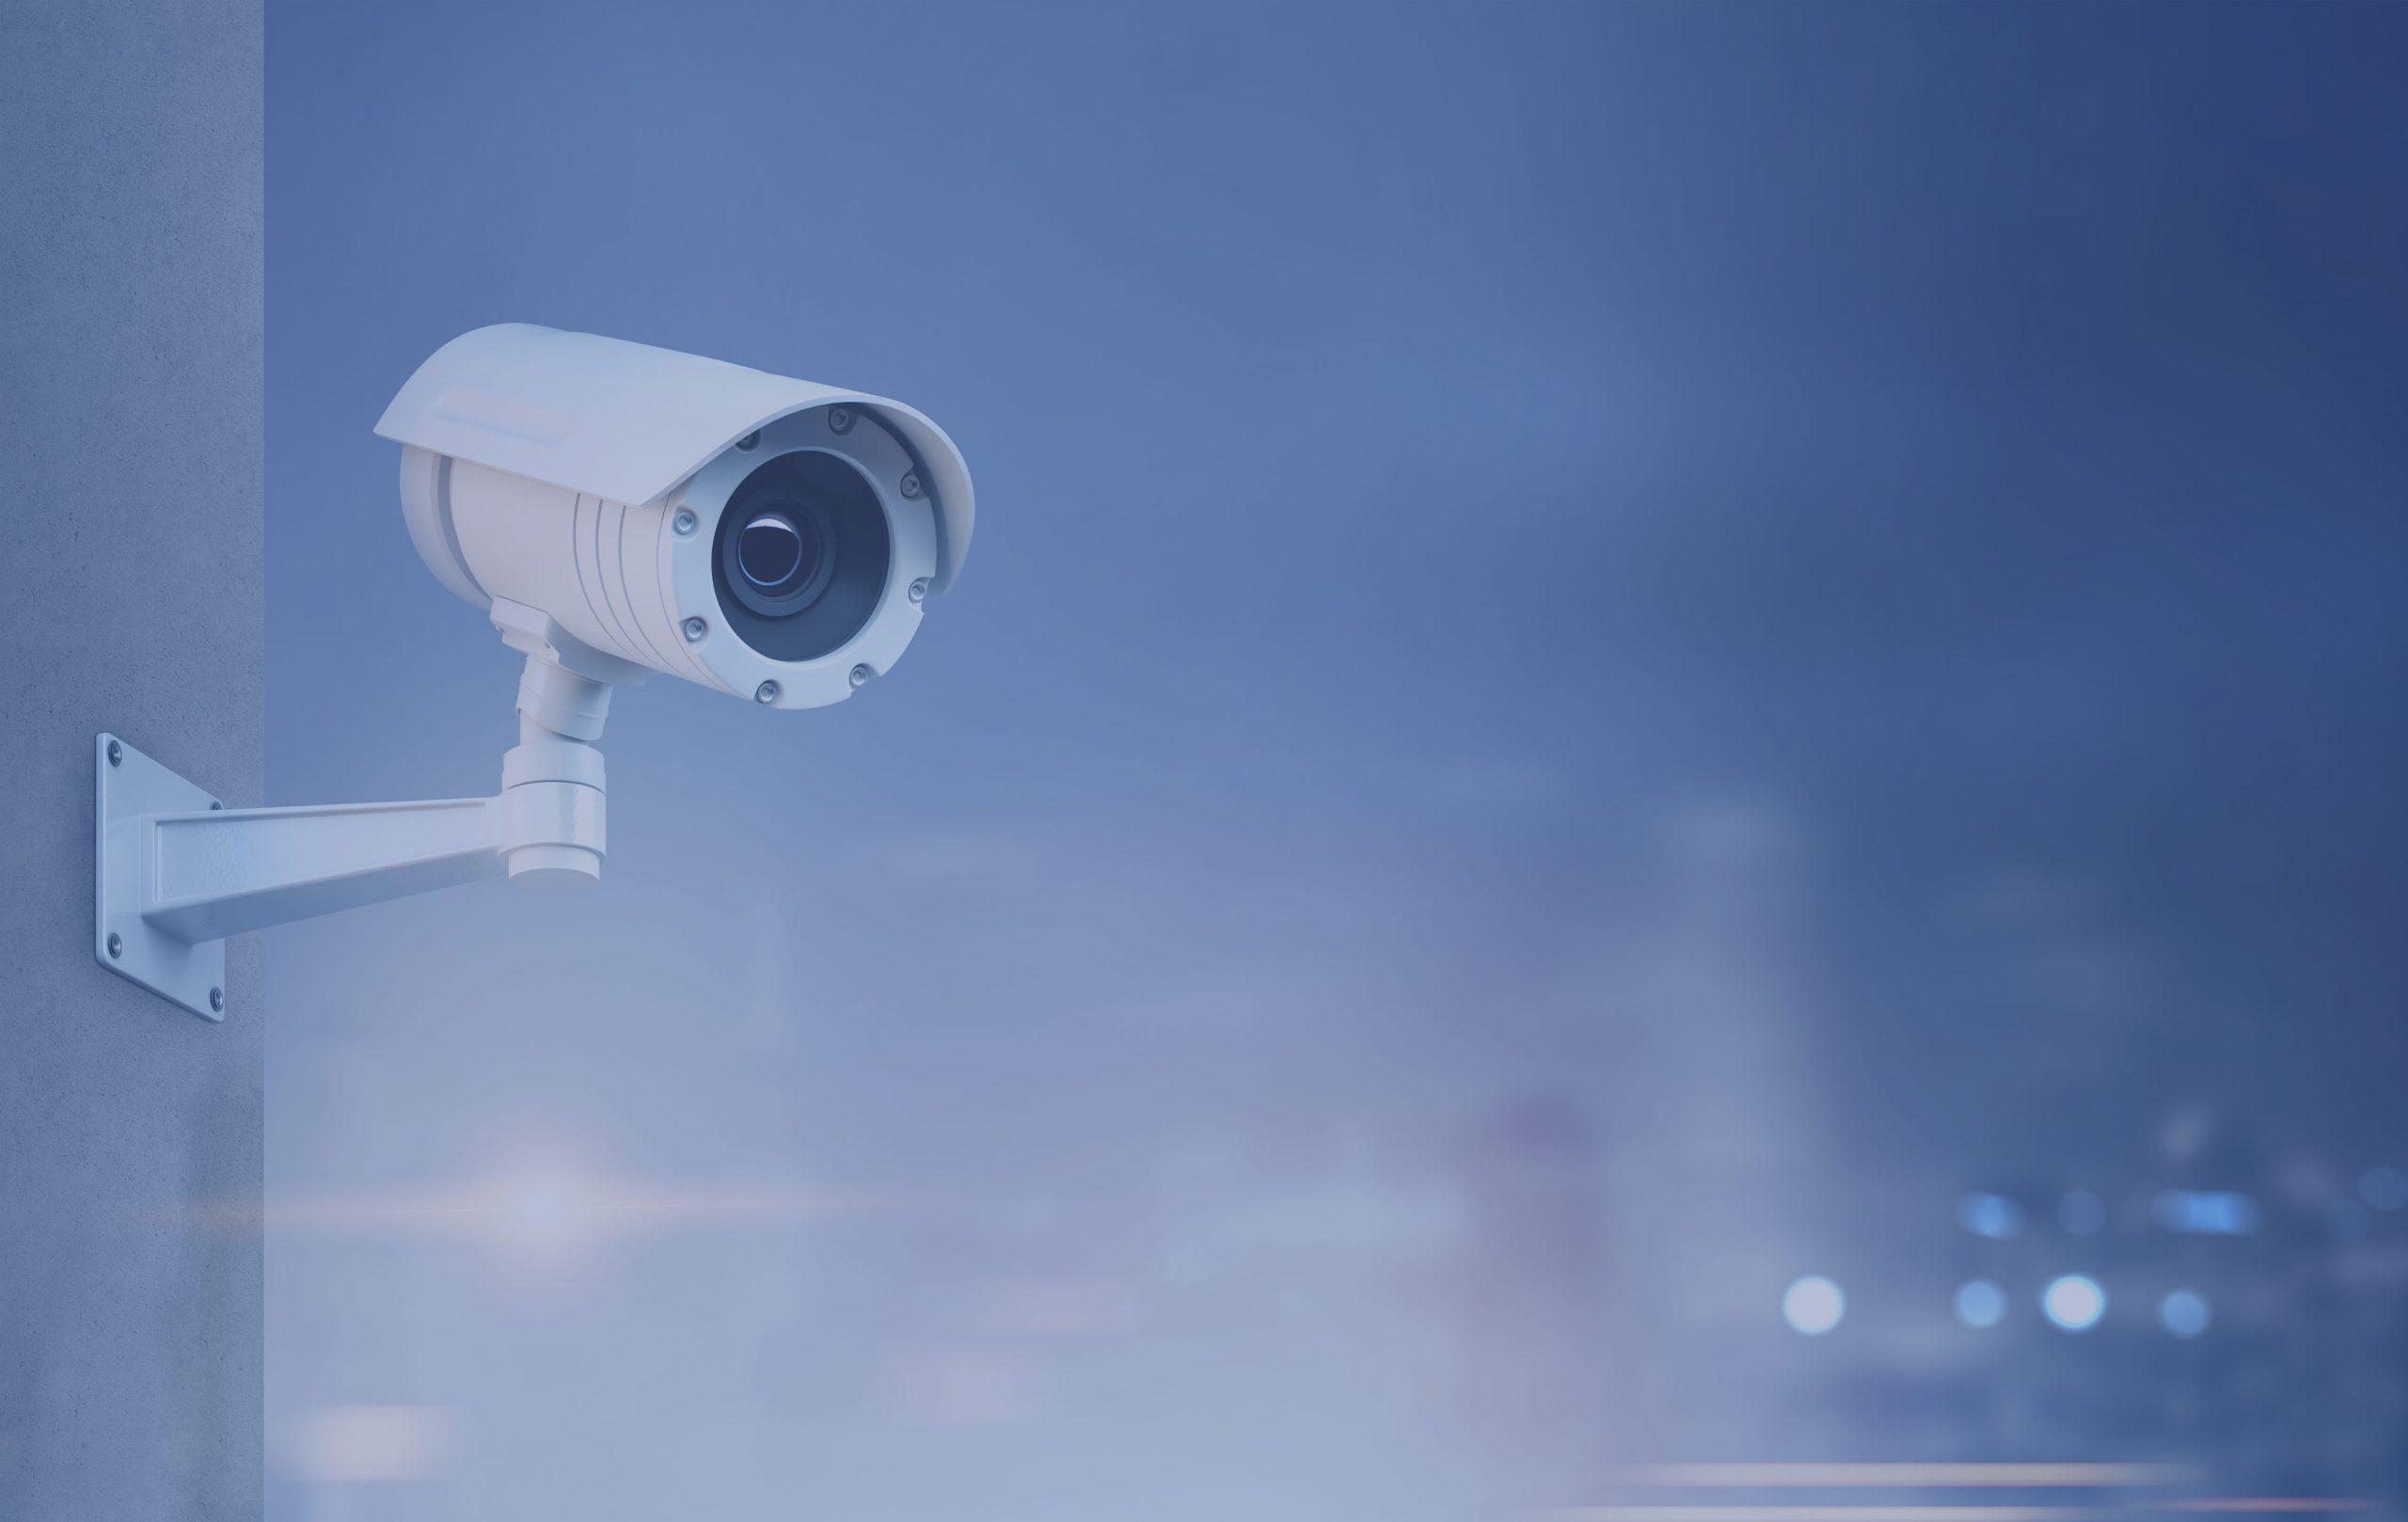 caméra de surveillance dans une grande ville